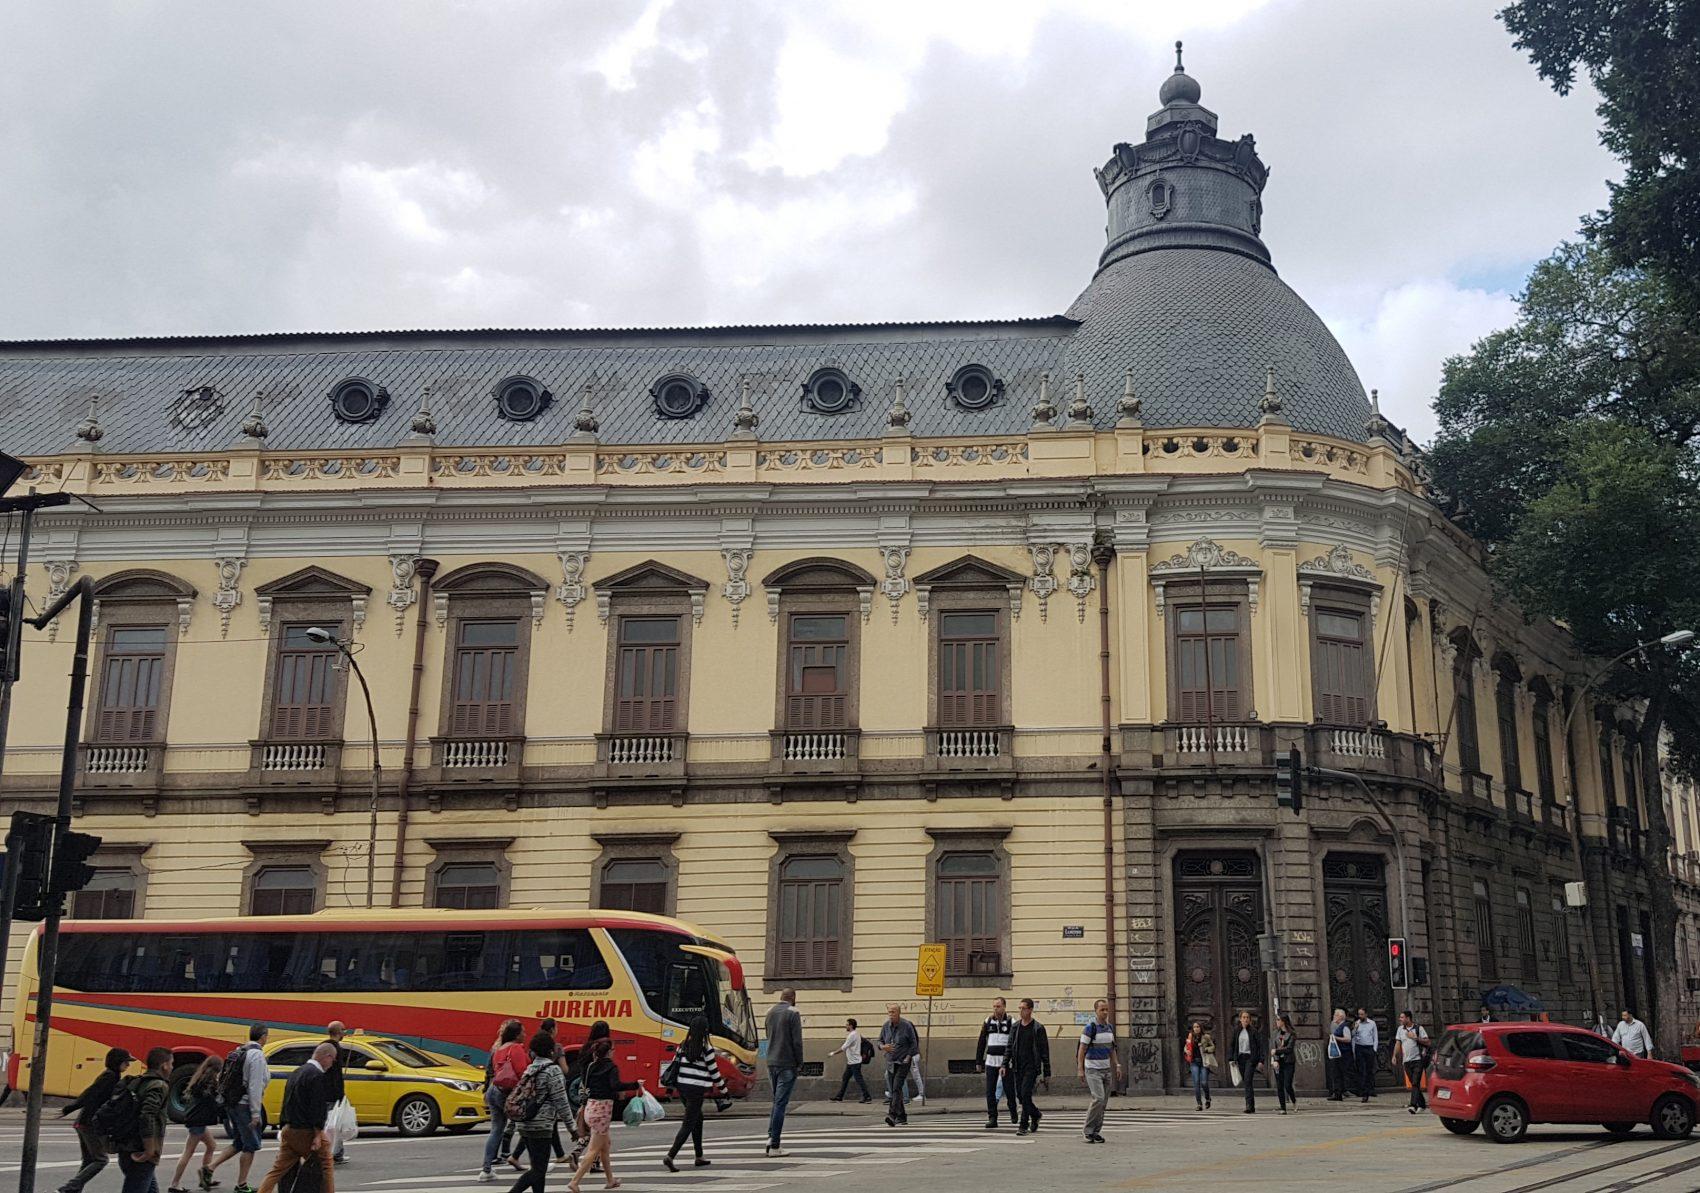 Colégio Pedro II, inaugurado em 1837, na Rua Larga, então uma das mais importantes do Rio: impasse entre prefeitura e VLT deixa em dúvida futuro da via (Foto: Oscar Valporto)